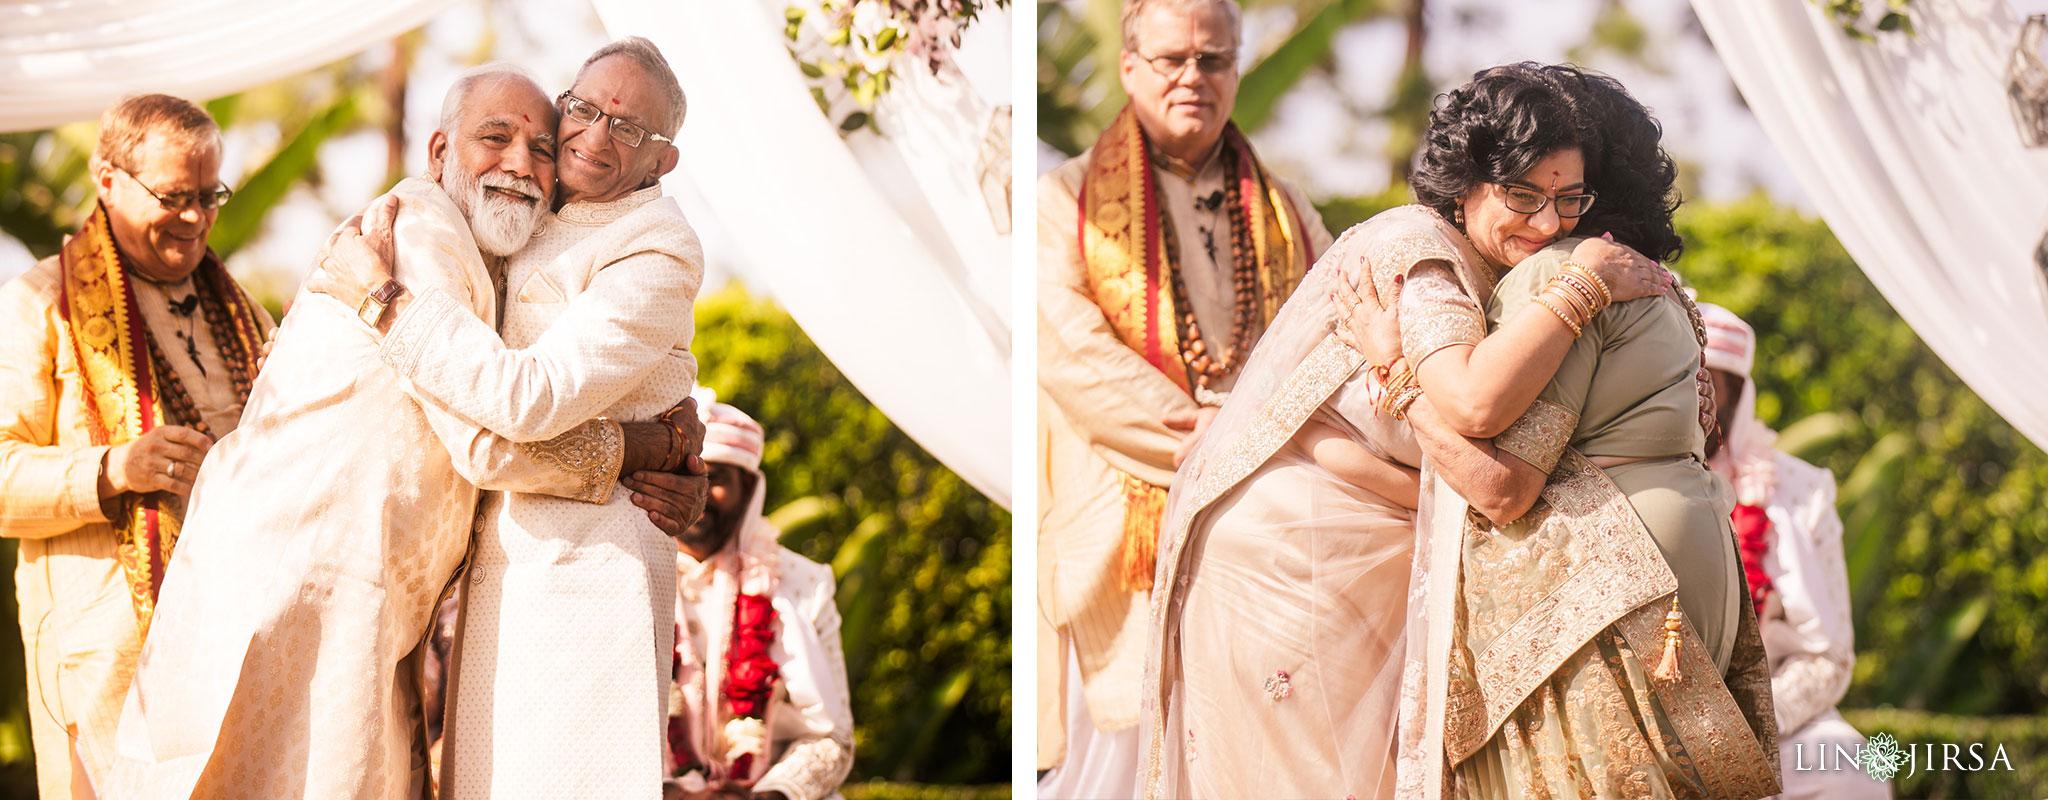 23 Hotel Irvine Indian Wedding Photography